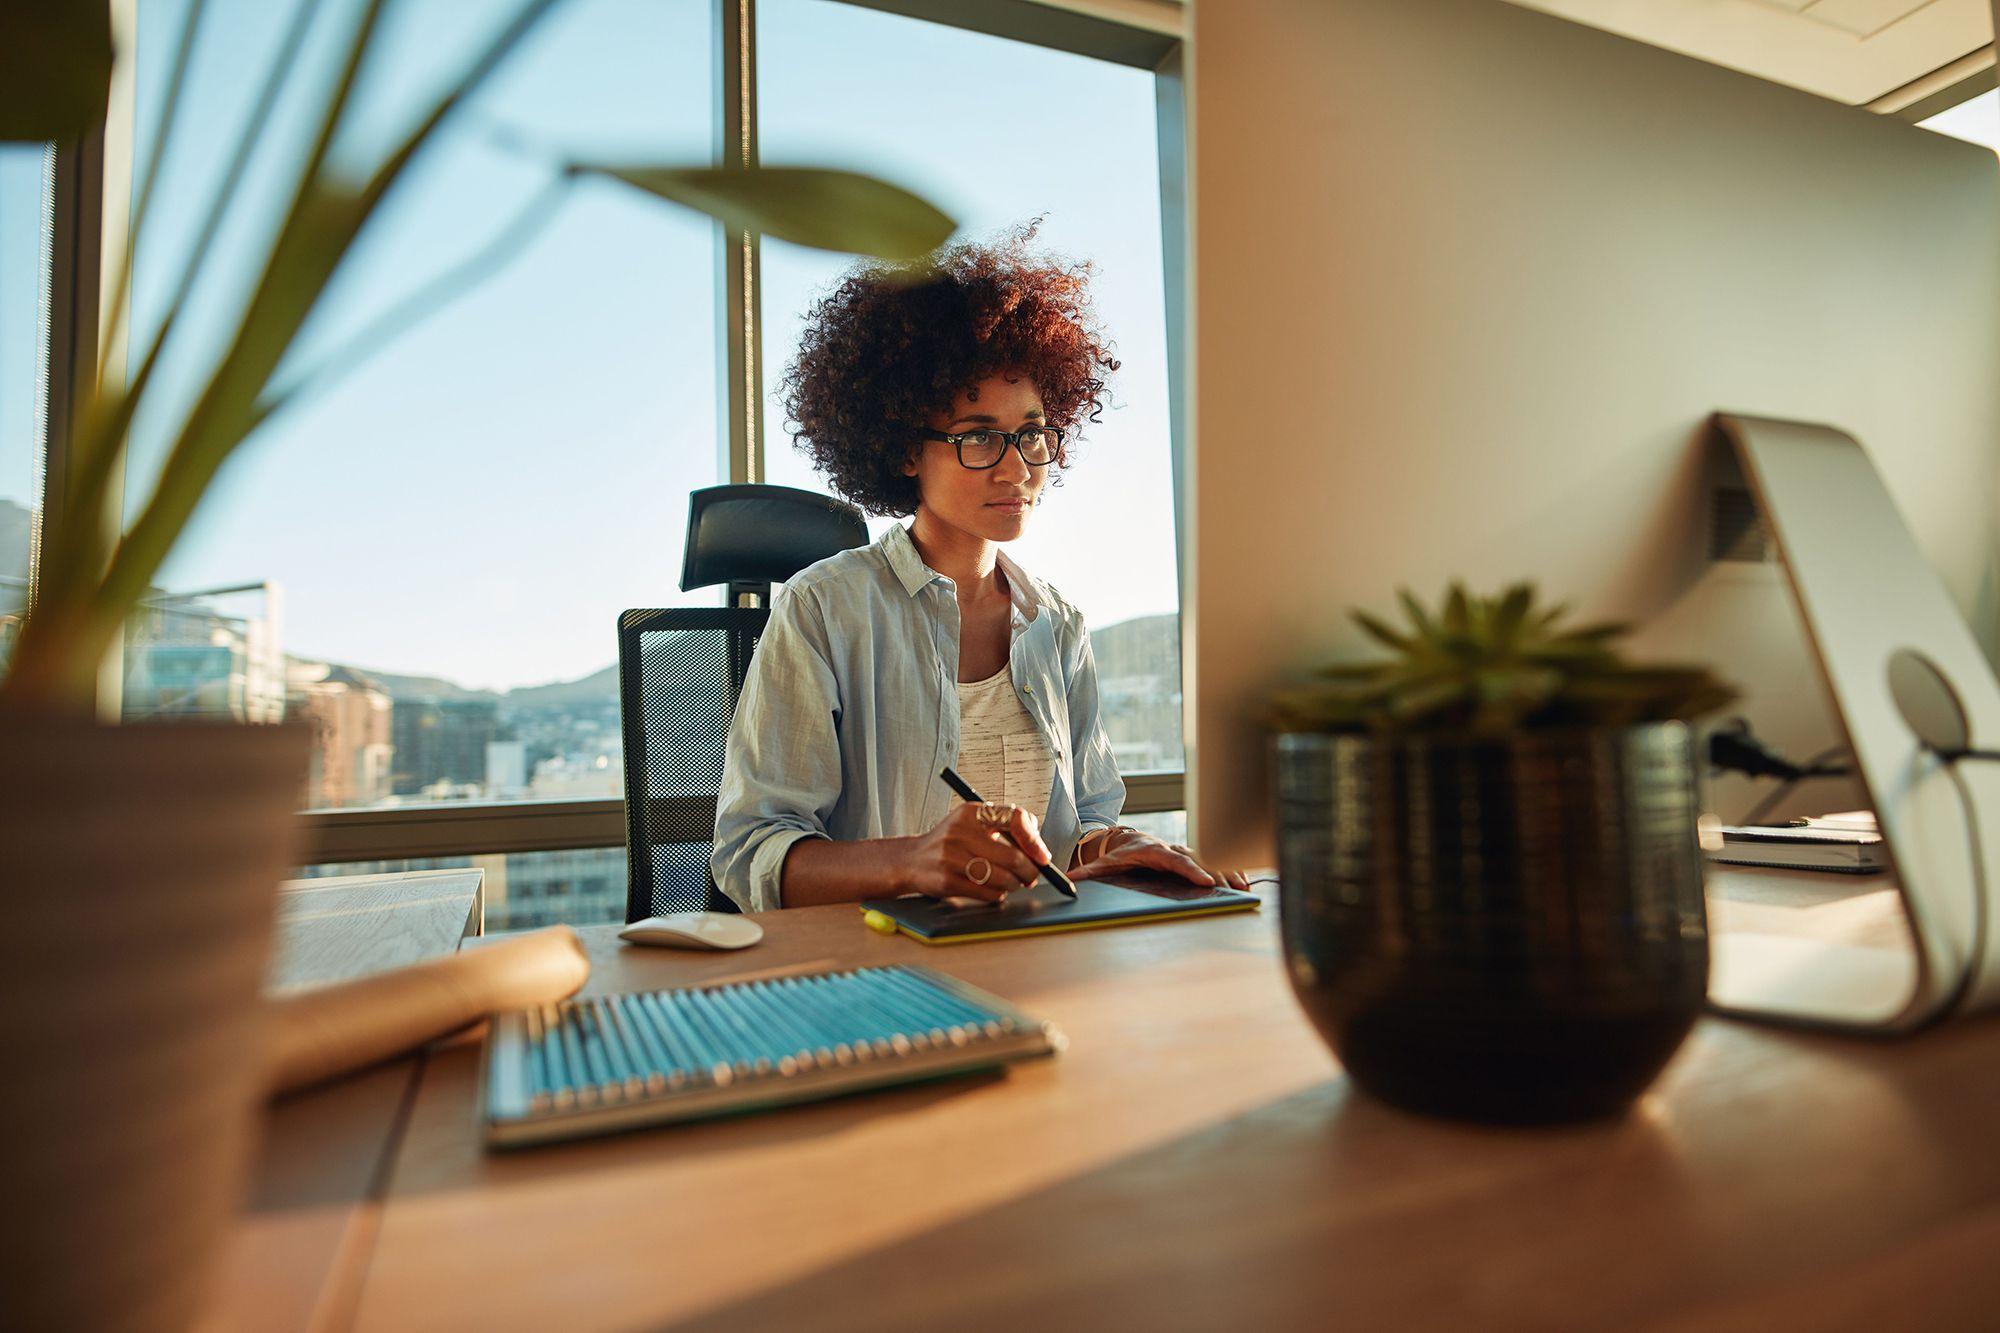 Descubra 3 profissões que vão se tornar ainda mais importantes